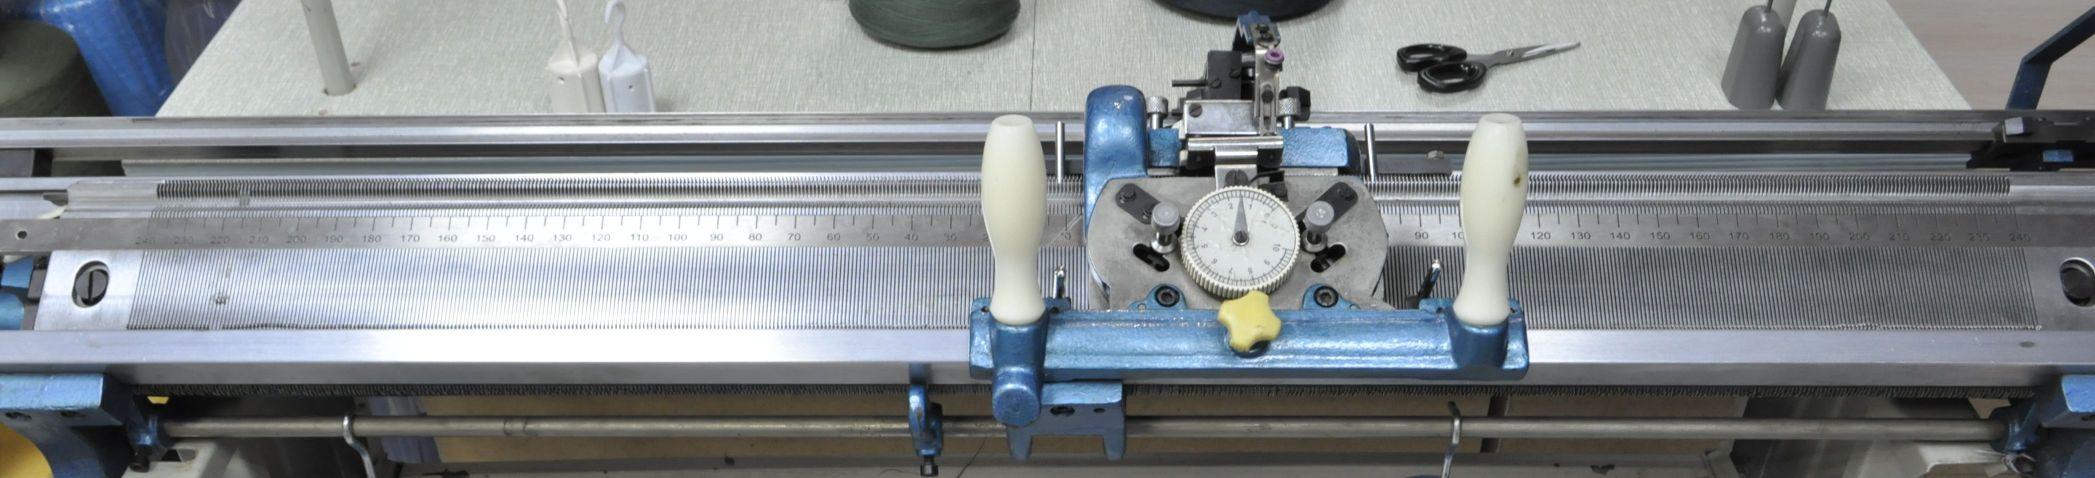 Профессиональная машина для вязания